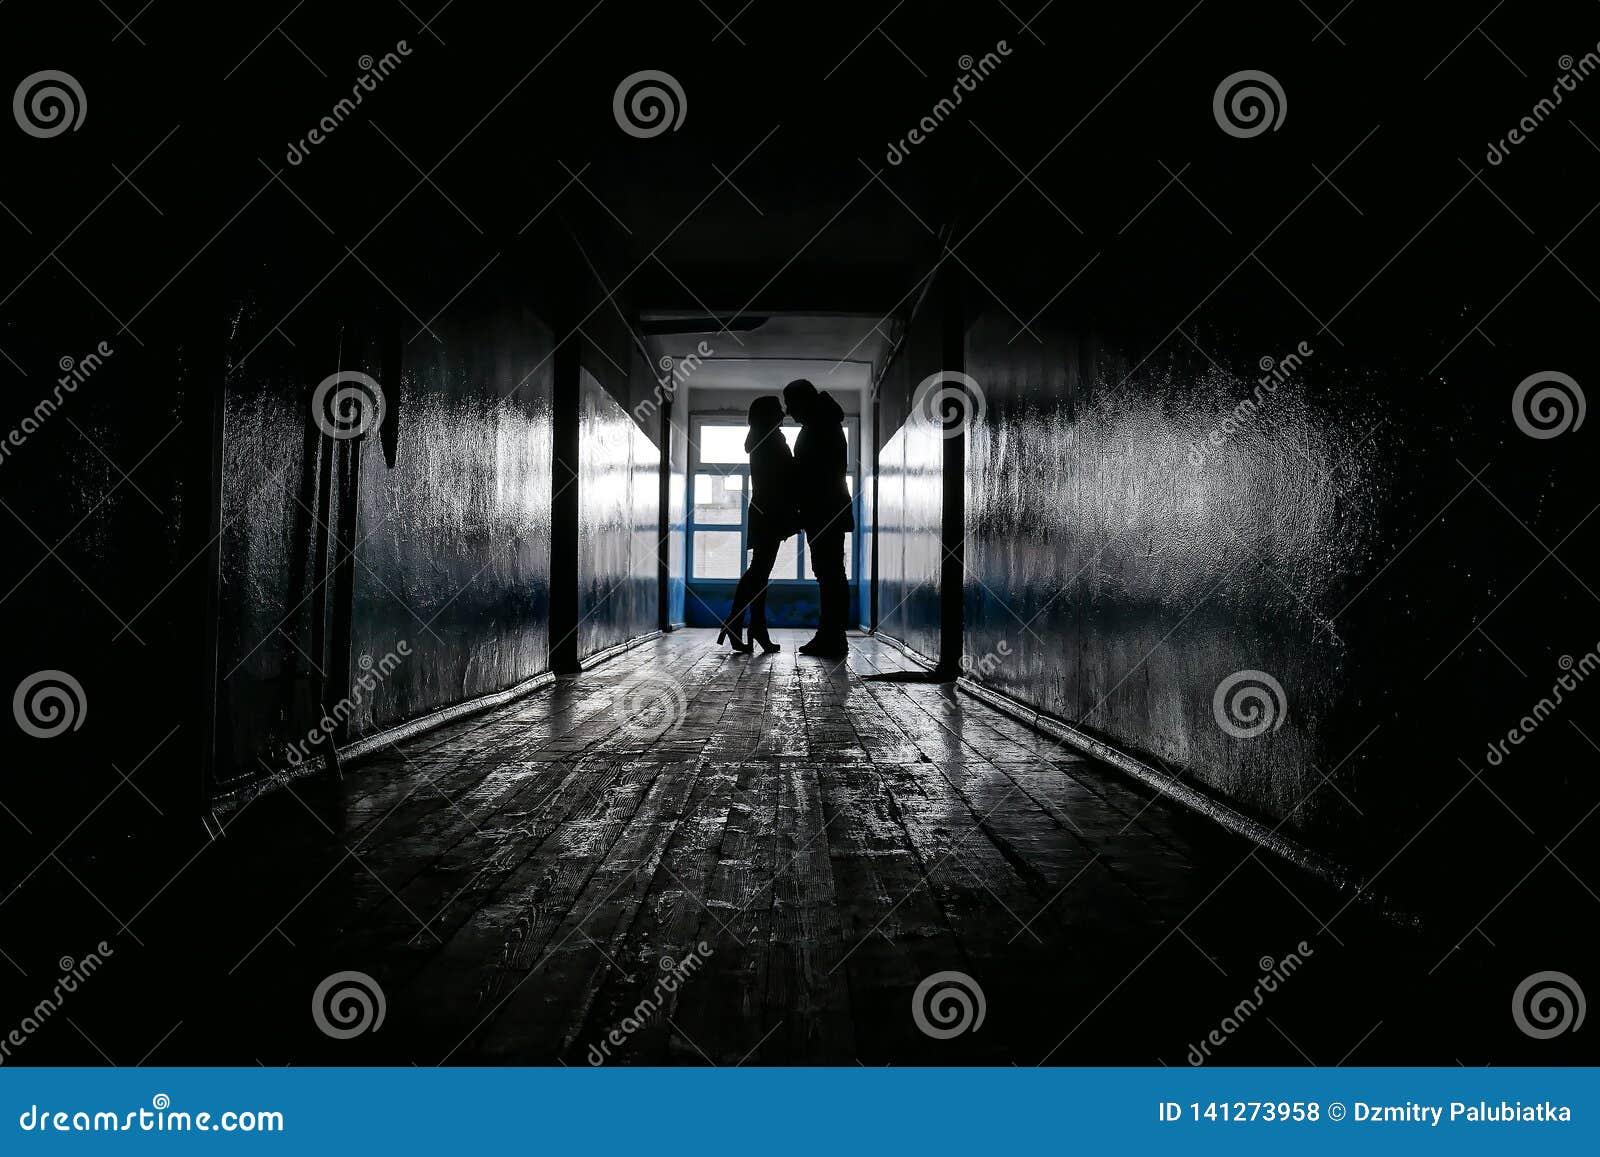 Siluetas de dos amantes en un pasillo oscuro